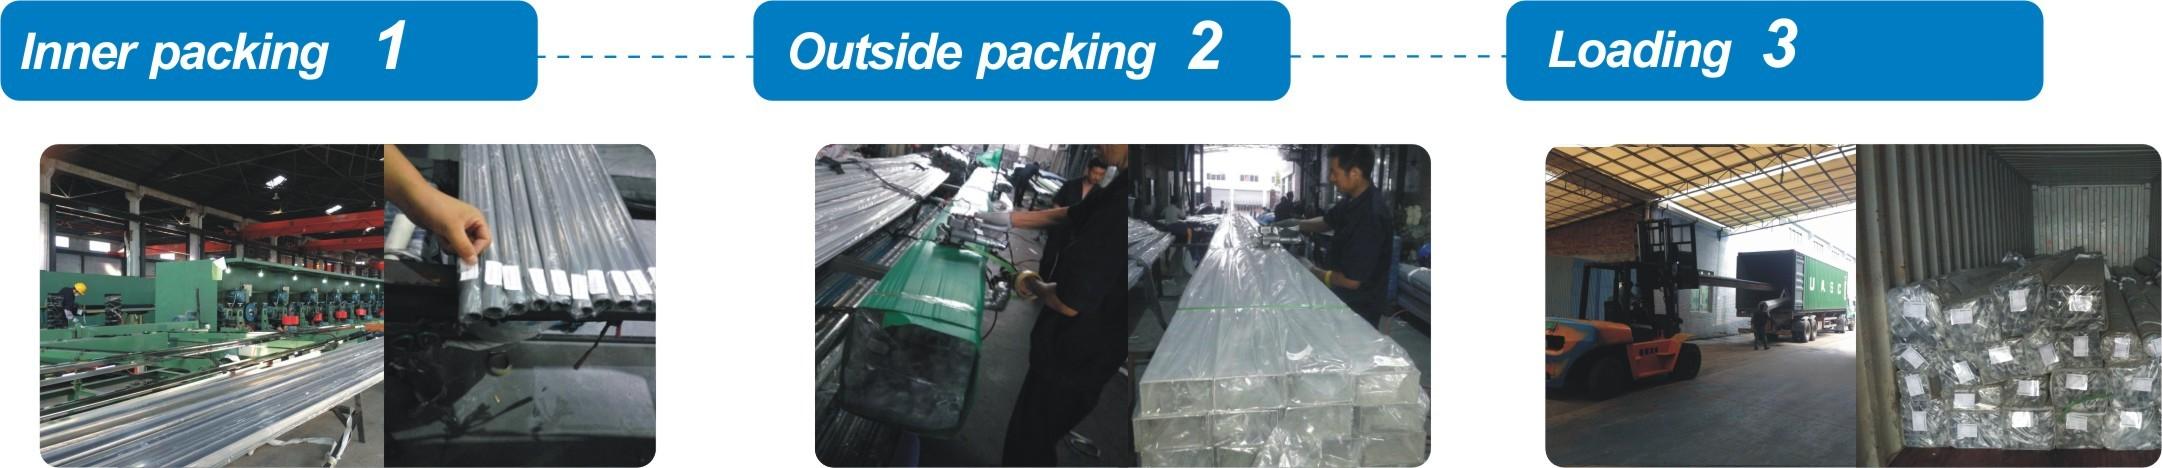 stainless steel packaging